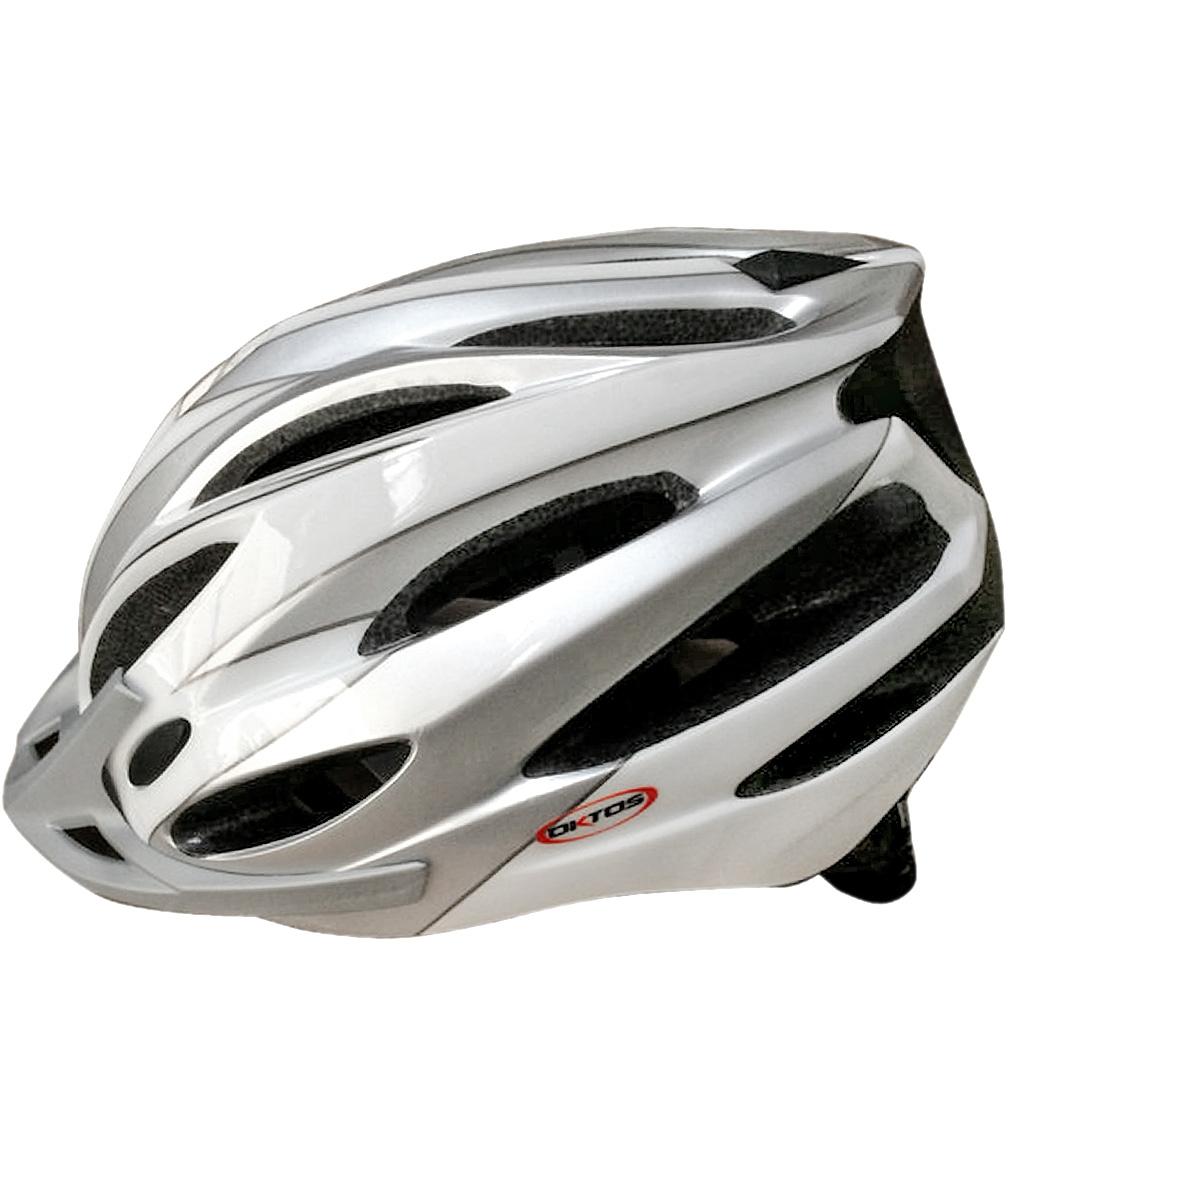 Casque vélo Oktos Adulte Gris / Blanc - 54/58 cm